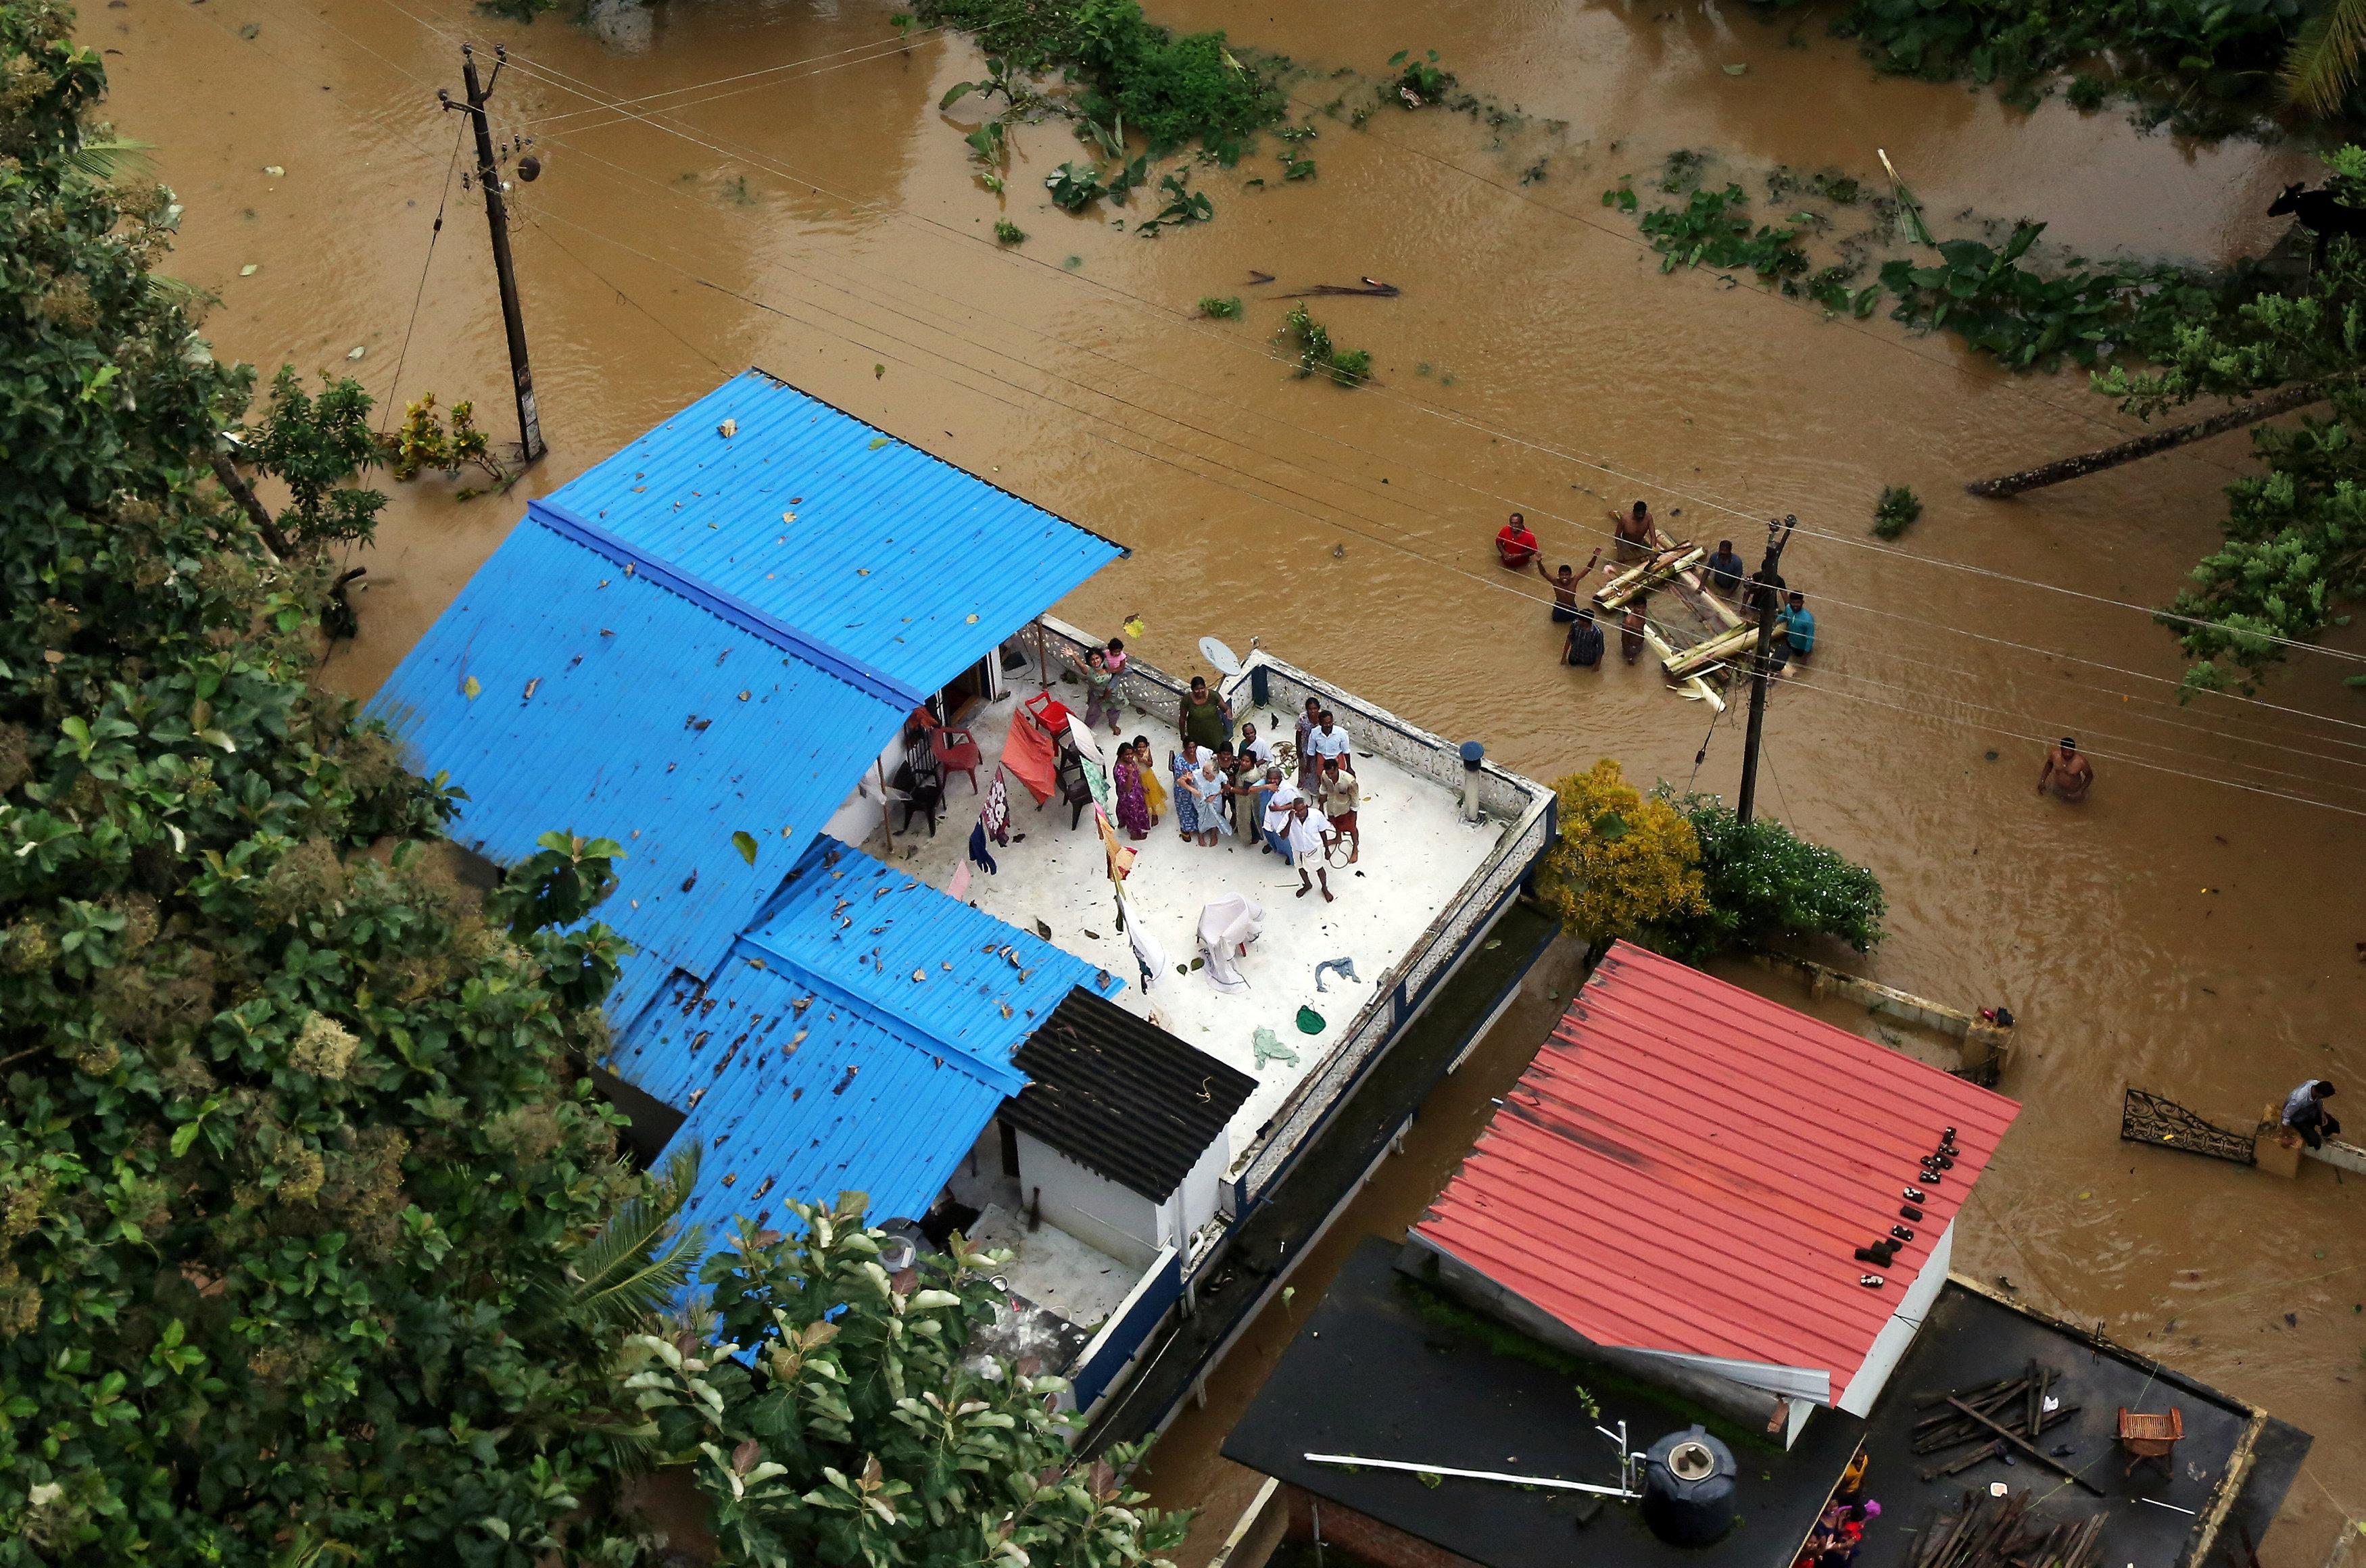 Los monsones en Kerala trajeron las peores lluvias en 80 años, con devastadores inundaciones que dejaron más de 500 muertos y más de 10 mil casas destruidas